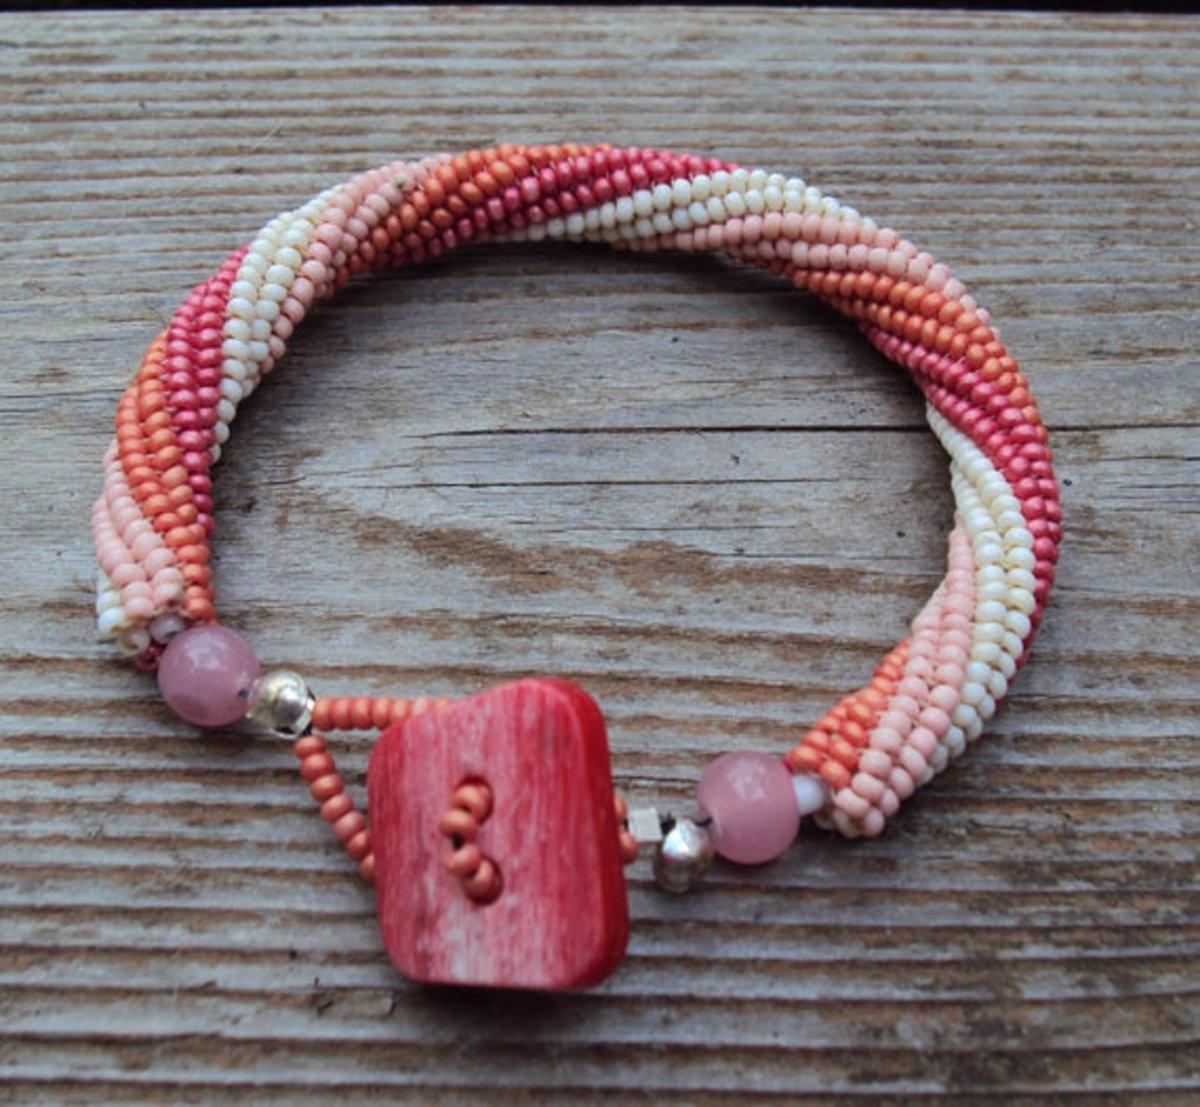 Herringbone Bracelet in Sherberts with Cute Button Closure